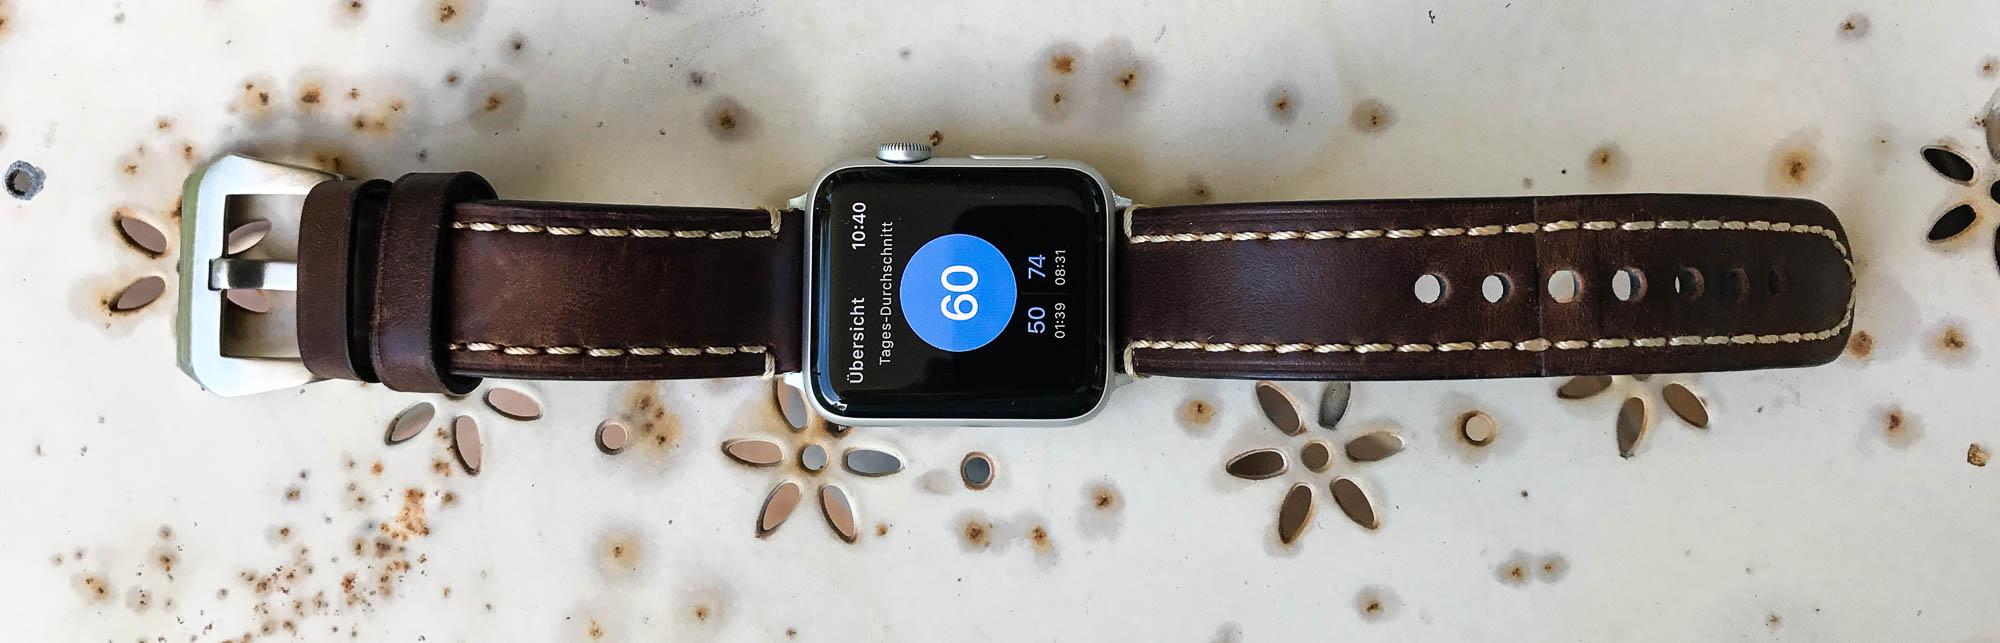 AppleWatch mit HeartWatch App